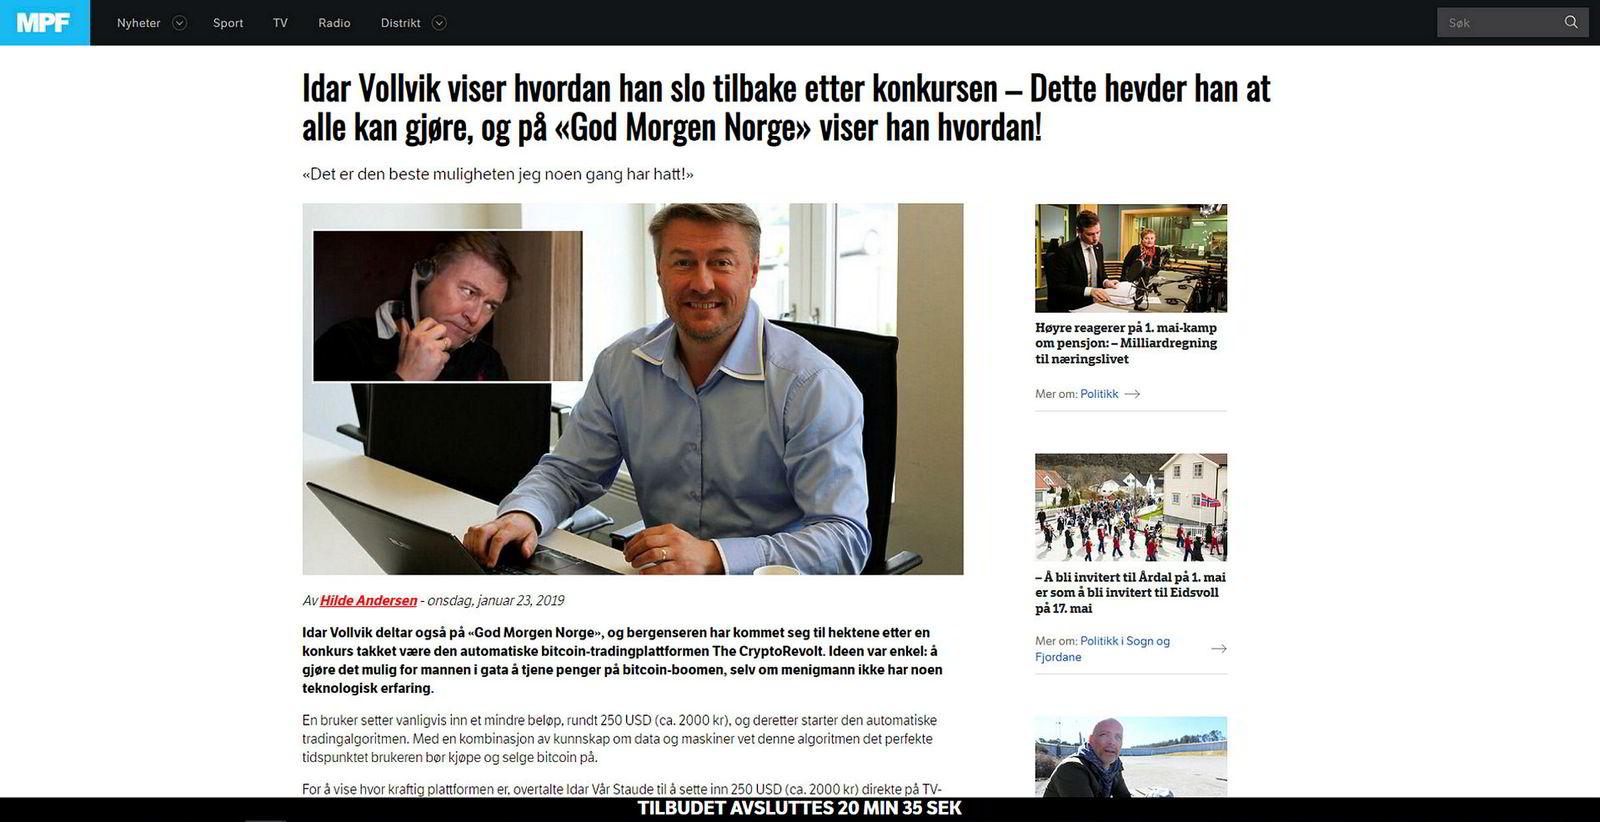 Idar Vollvik blir misbrukt i svindel. De falske nyhetsartiklene leder leserne til et svindelnettsted.